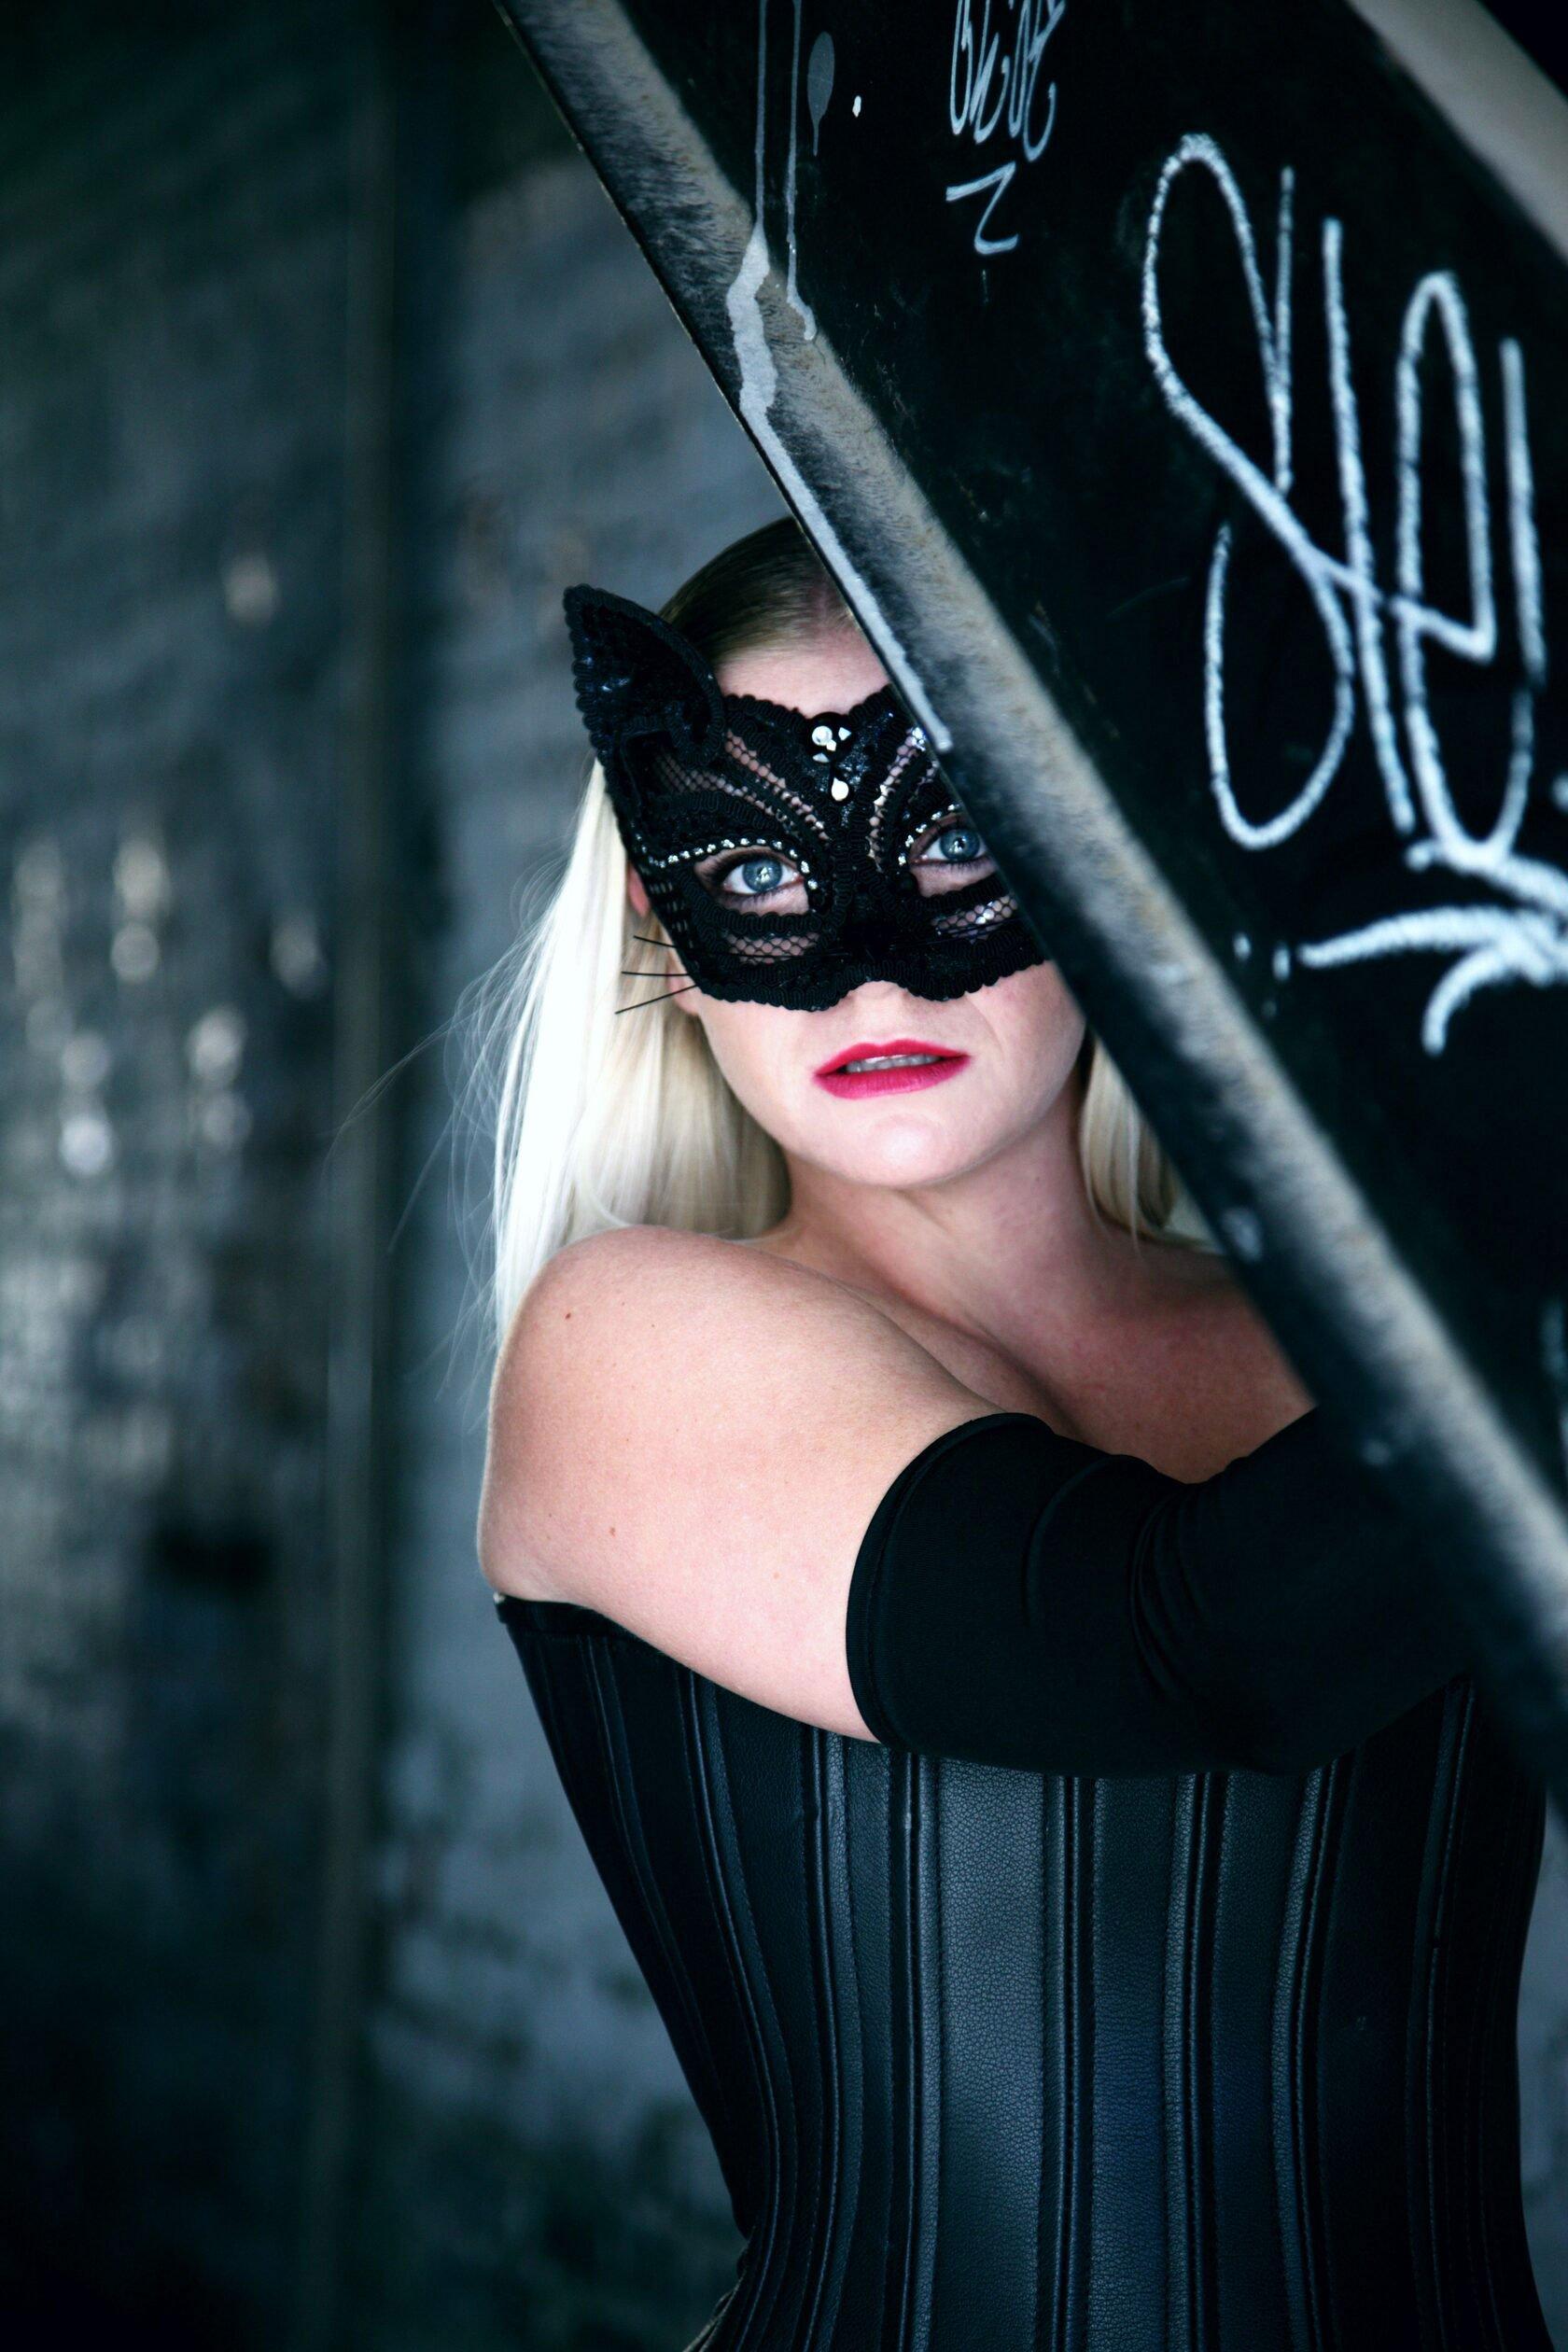 halloween costume ideas 38 7